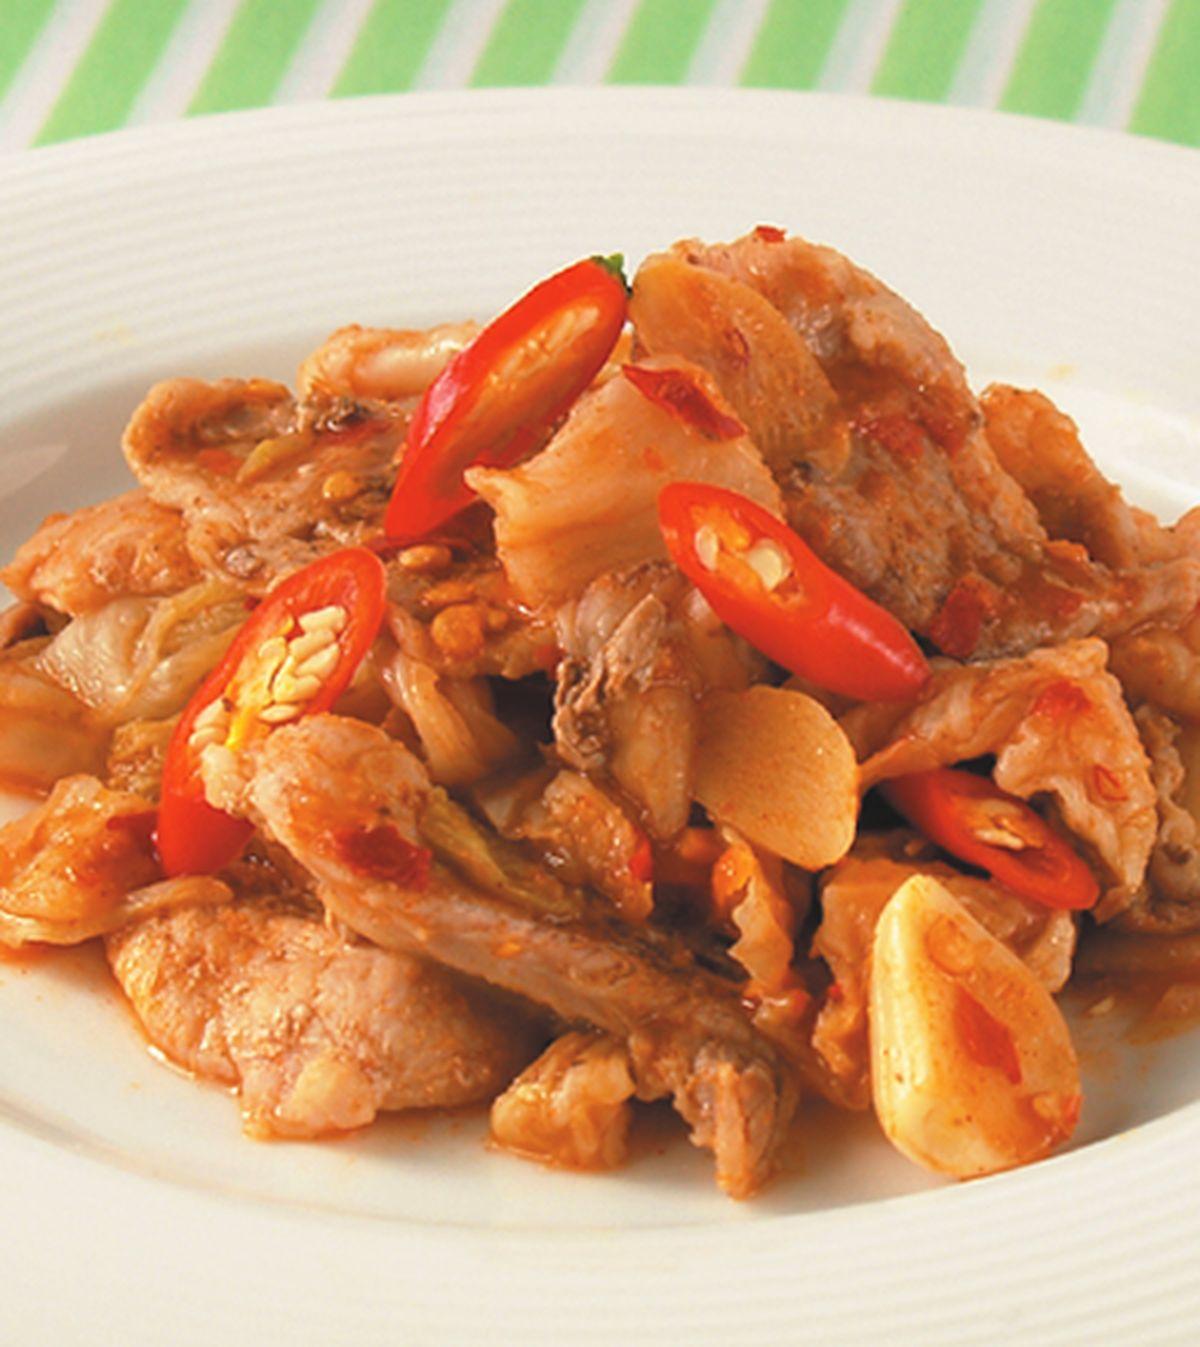 食譜:蒜味泡菜炒肉片